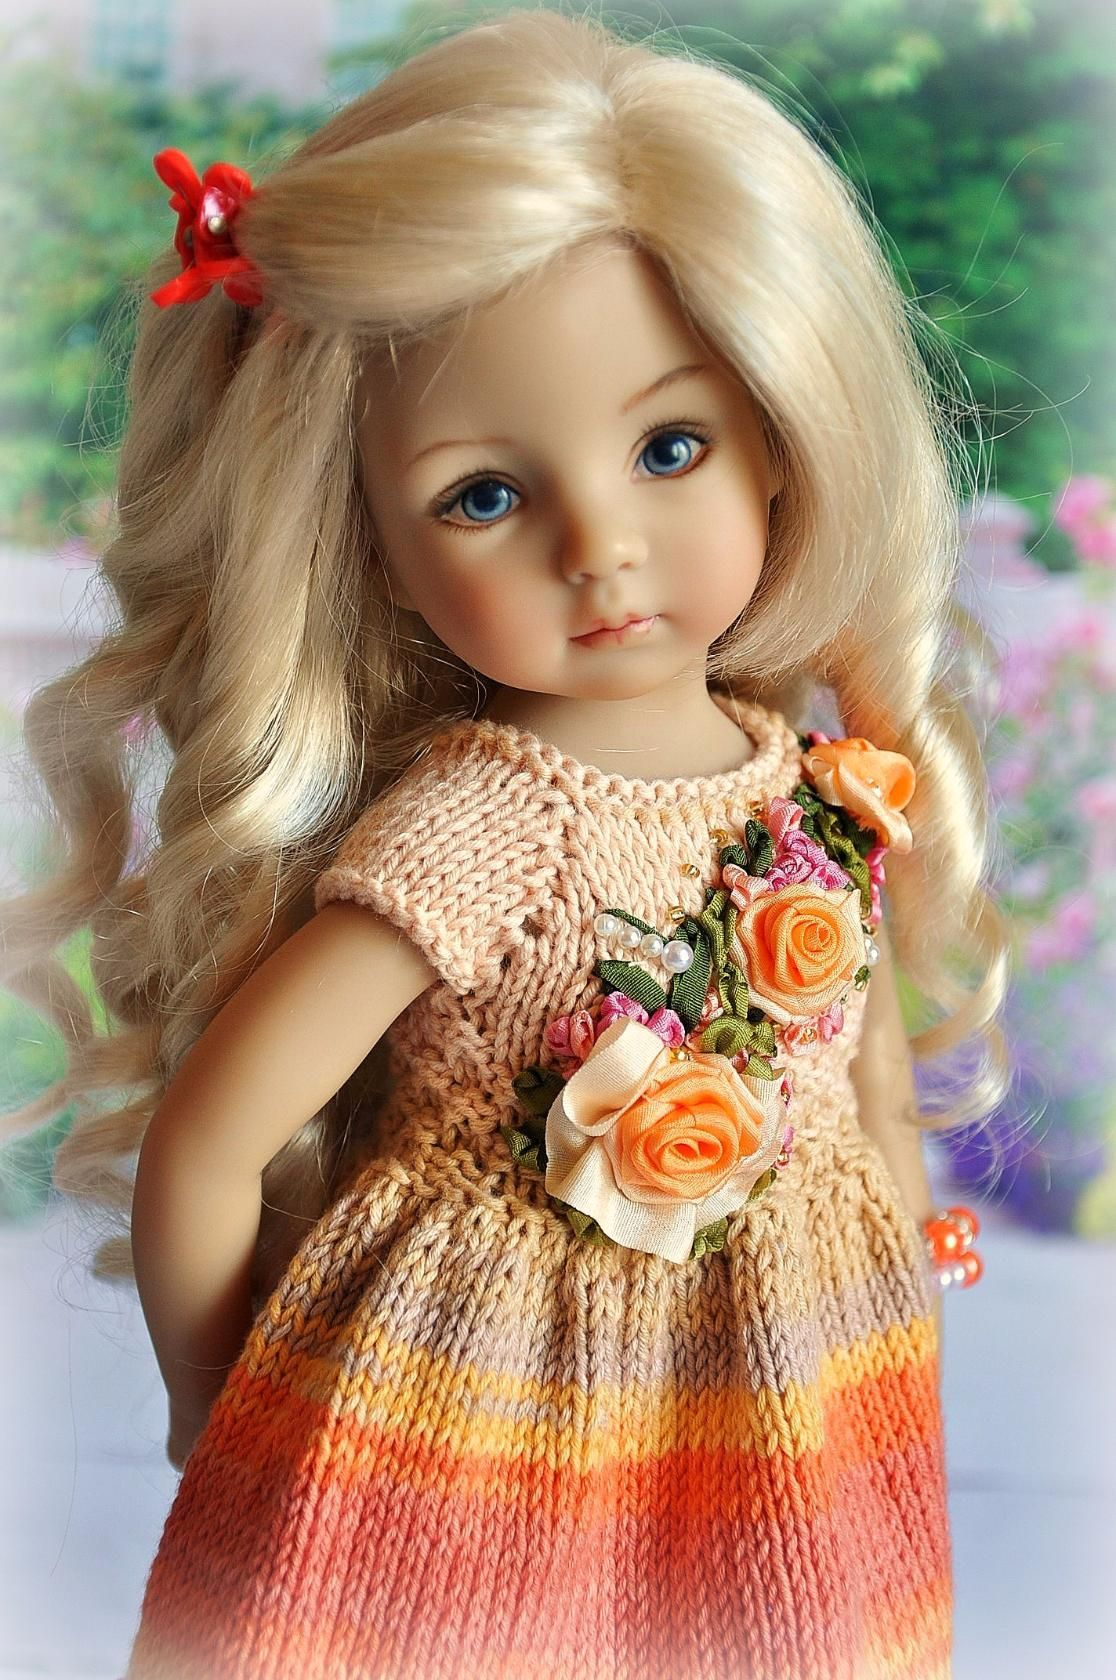 Картинки кукол красивых